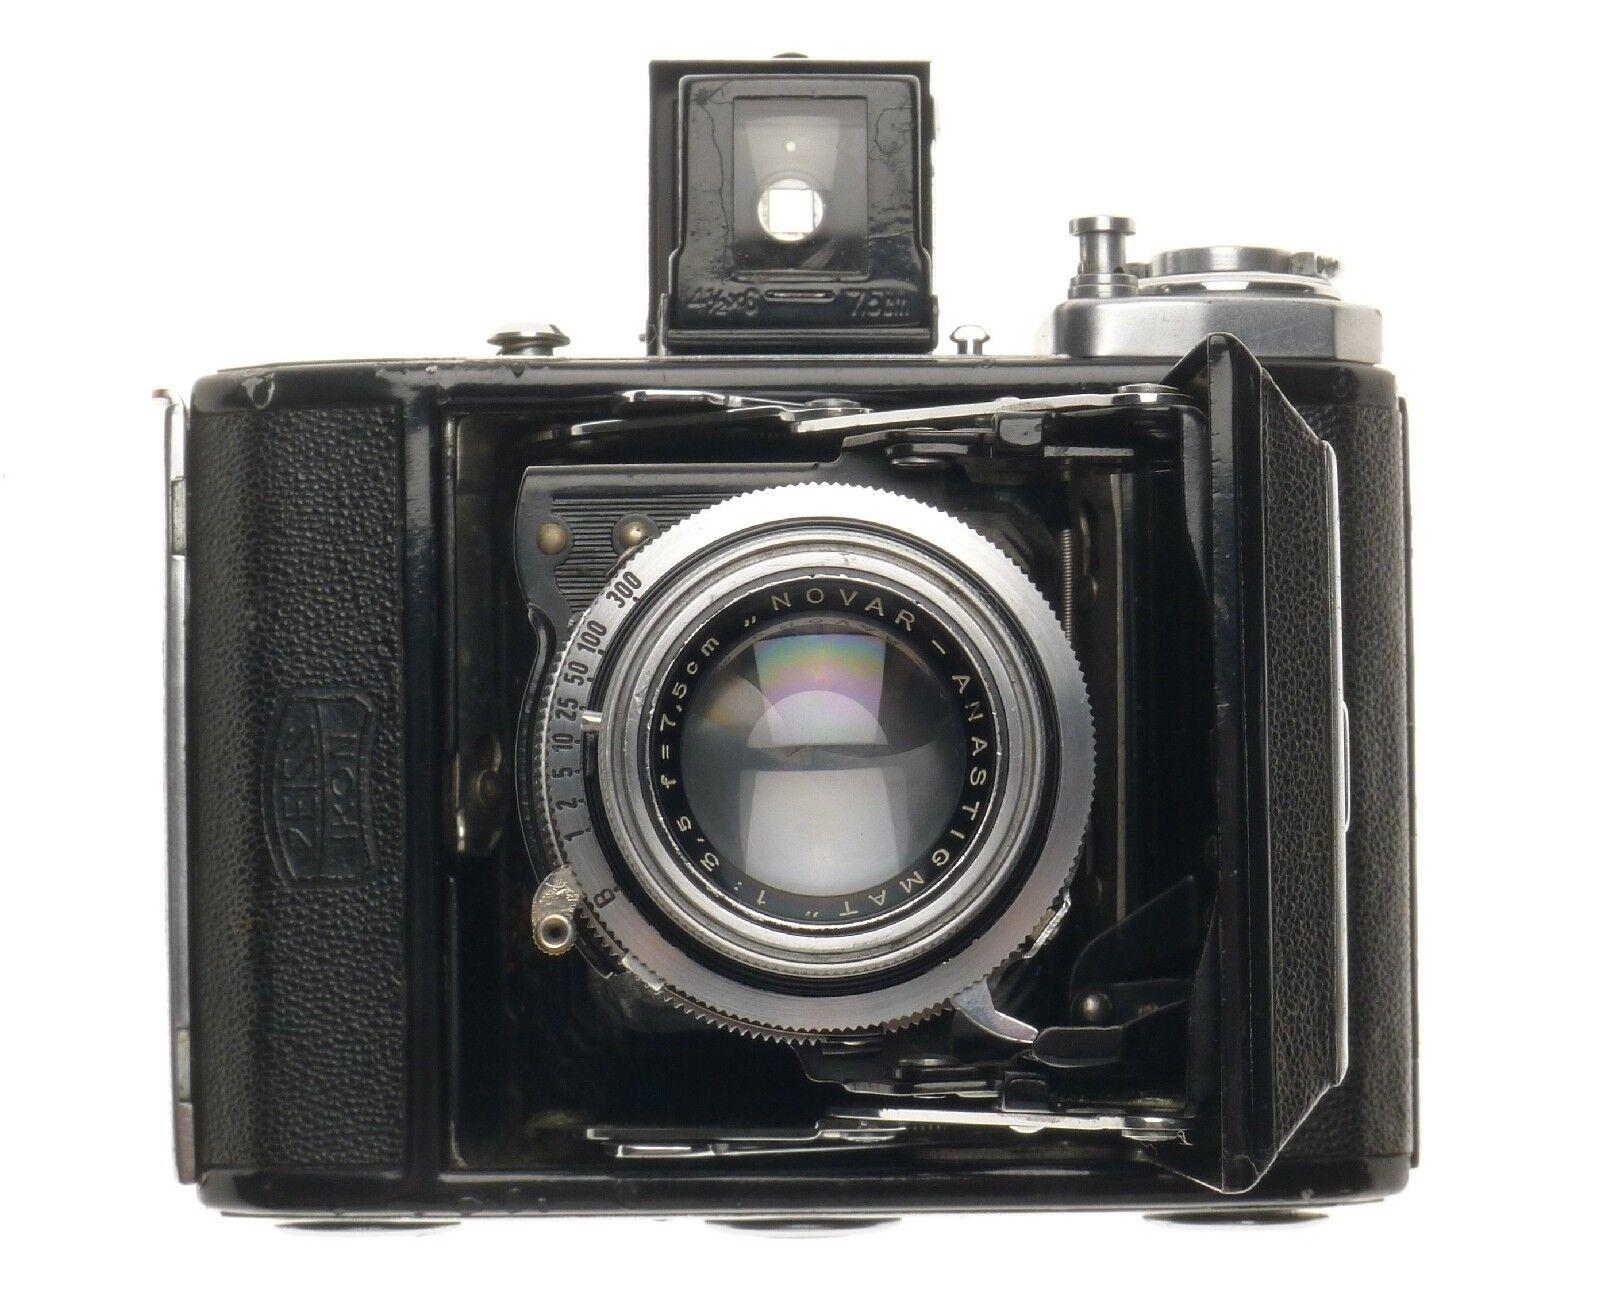 Что есть у любого фотоаппарата дают возможность